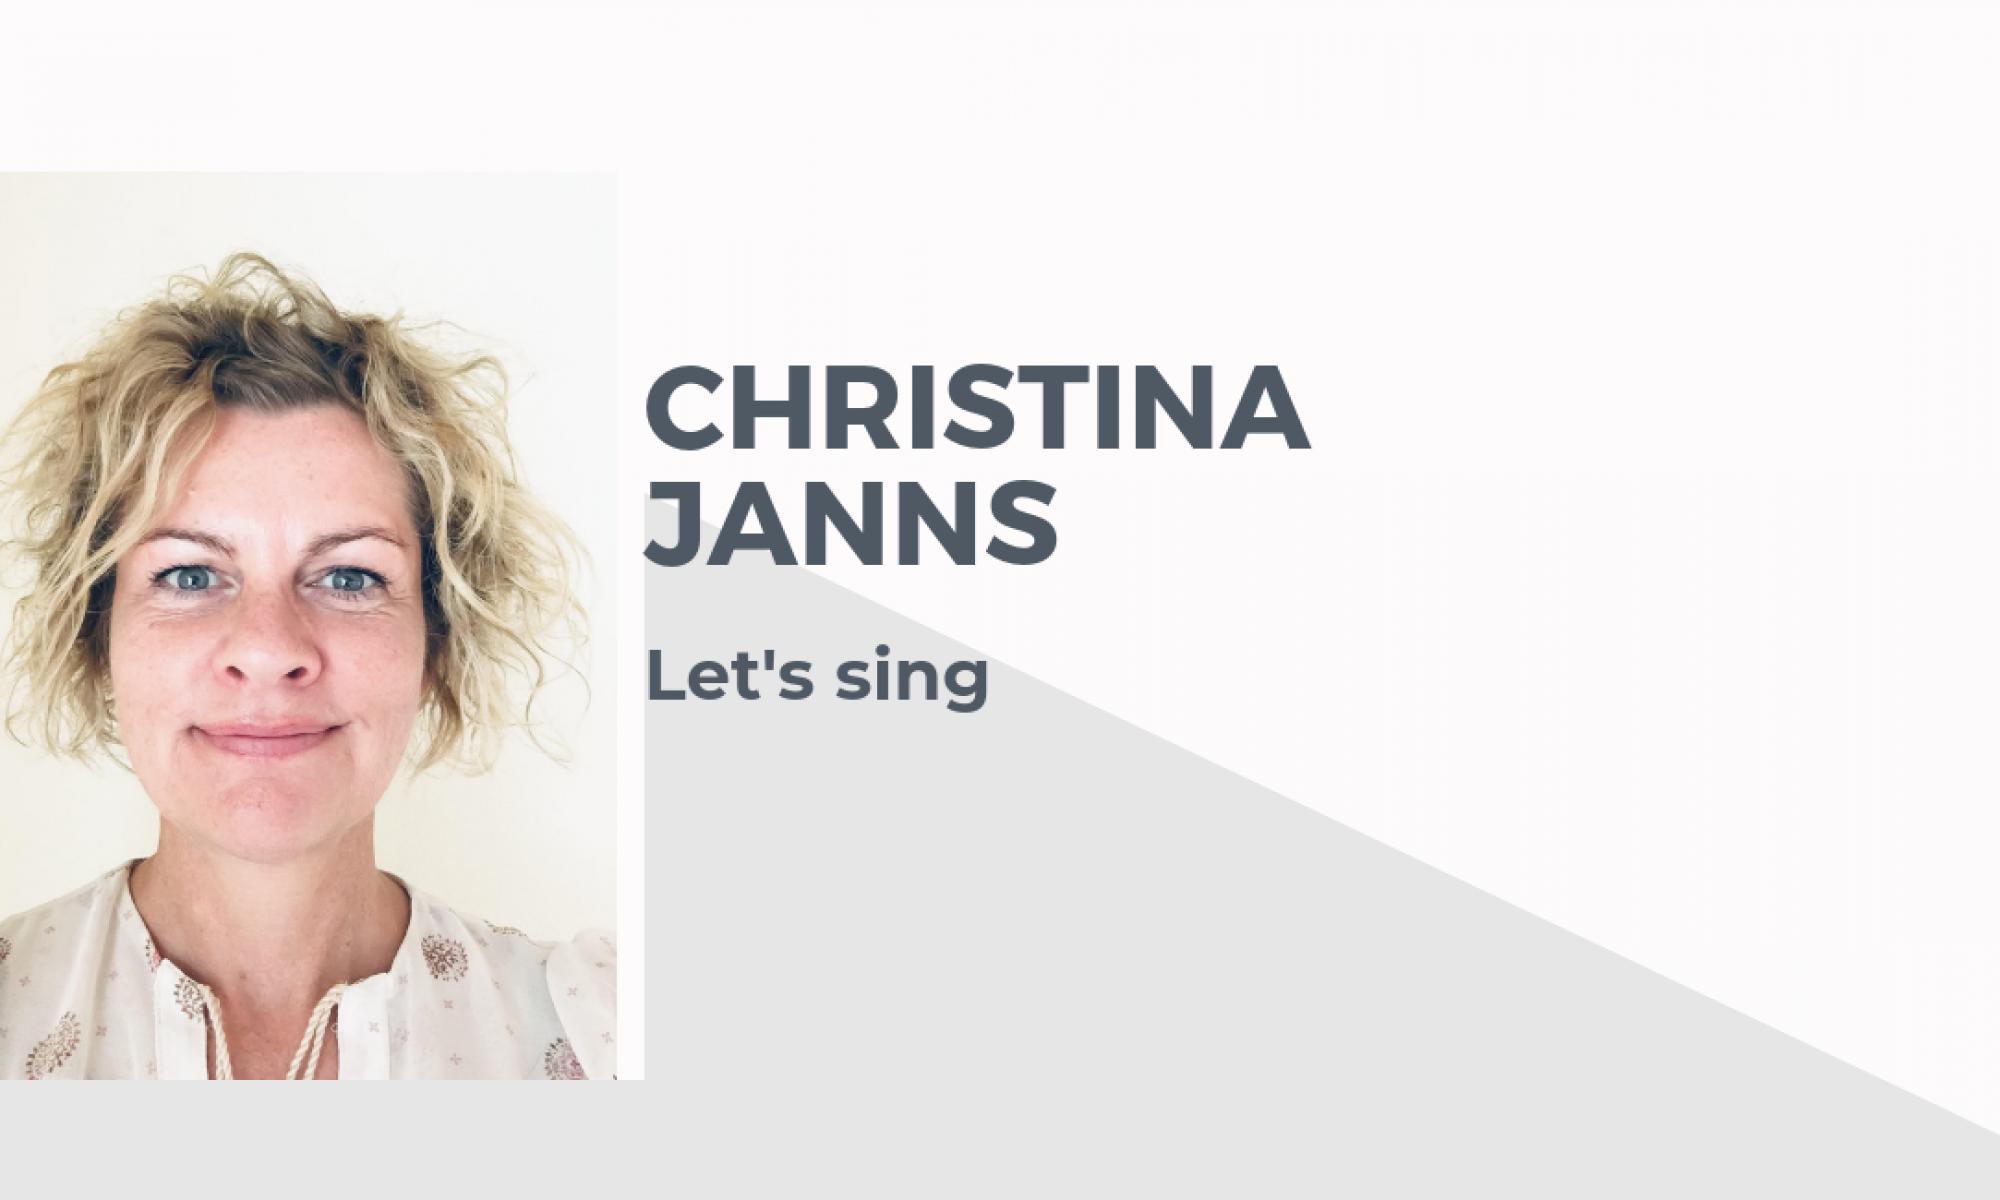 Christina Janns